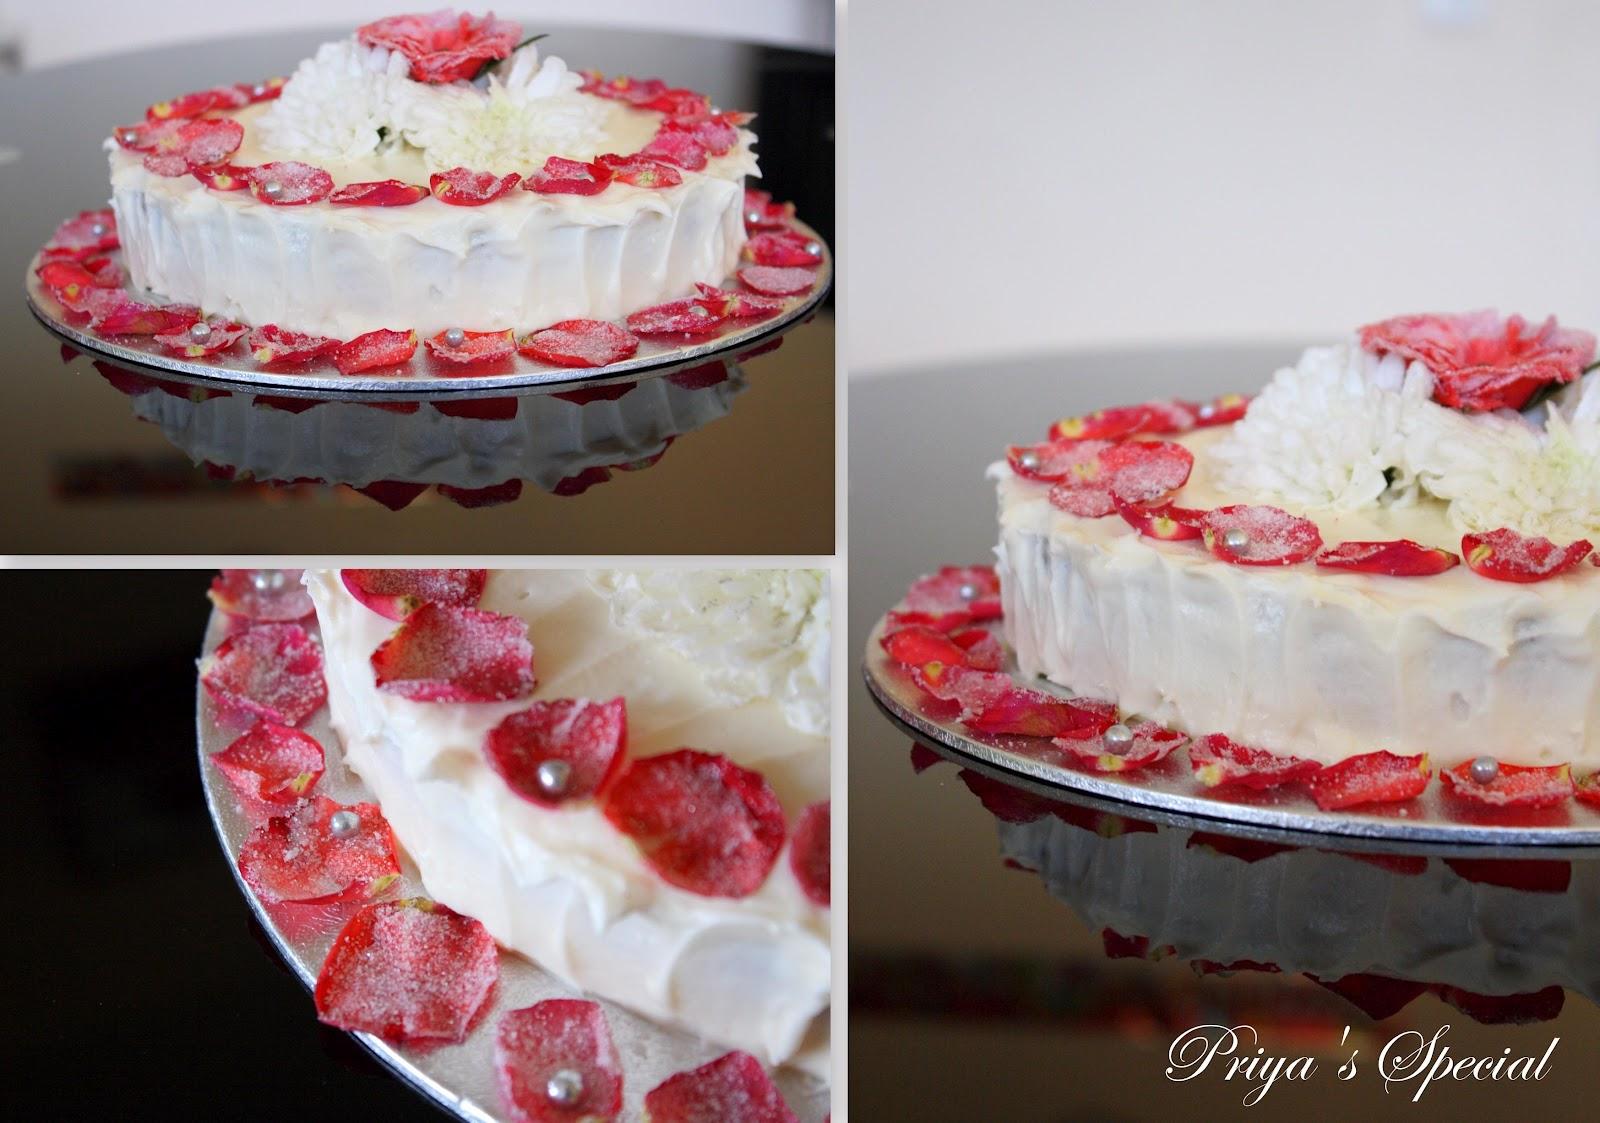 Cook Like Priya Rose Cake For A Wonderful Husband